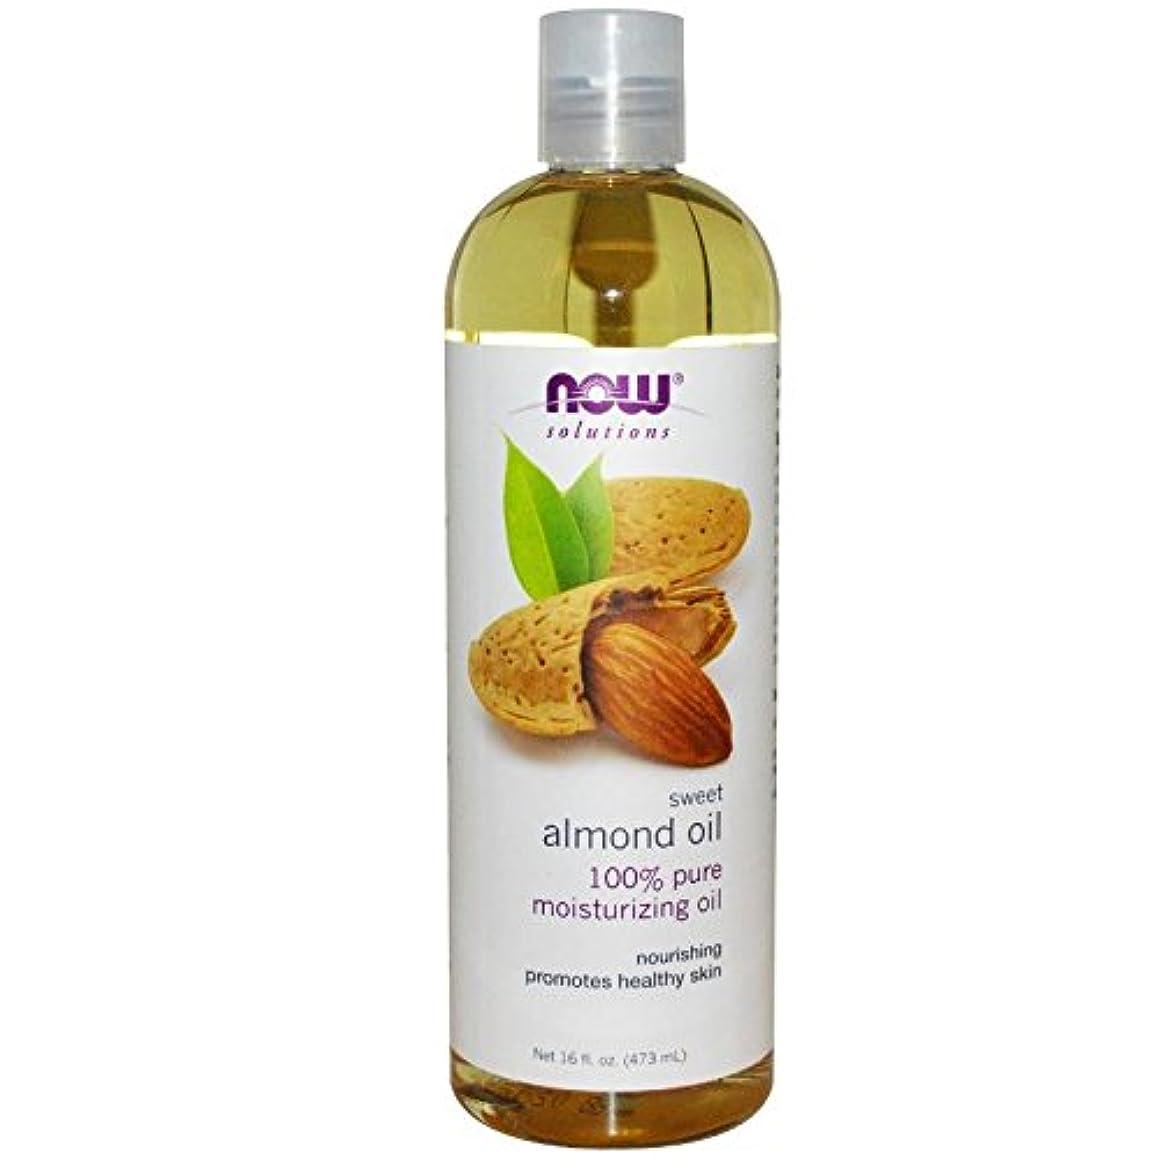 専門用語アヒルアソシエイト【国内発送】 Now Solutions Sweet Almond Oil 16 oz. (473ml) [並行輸入品]